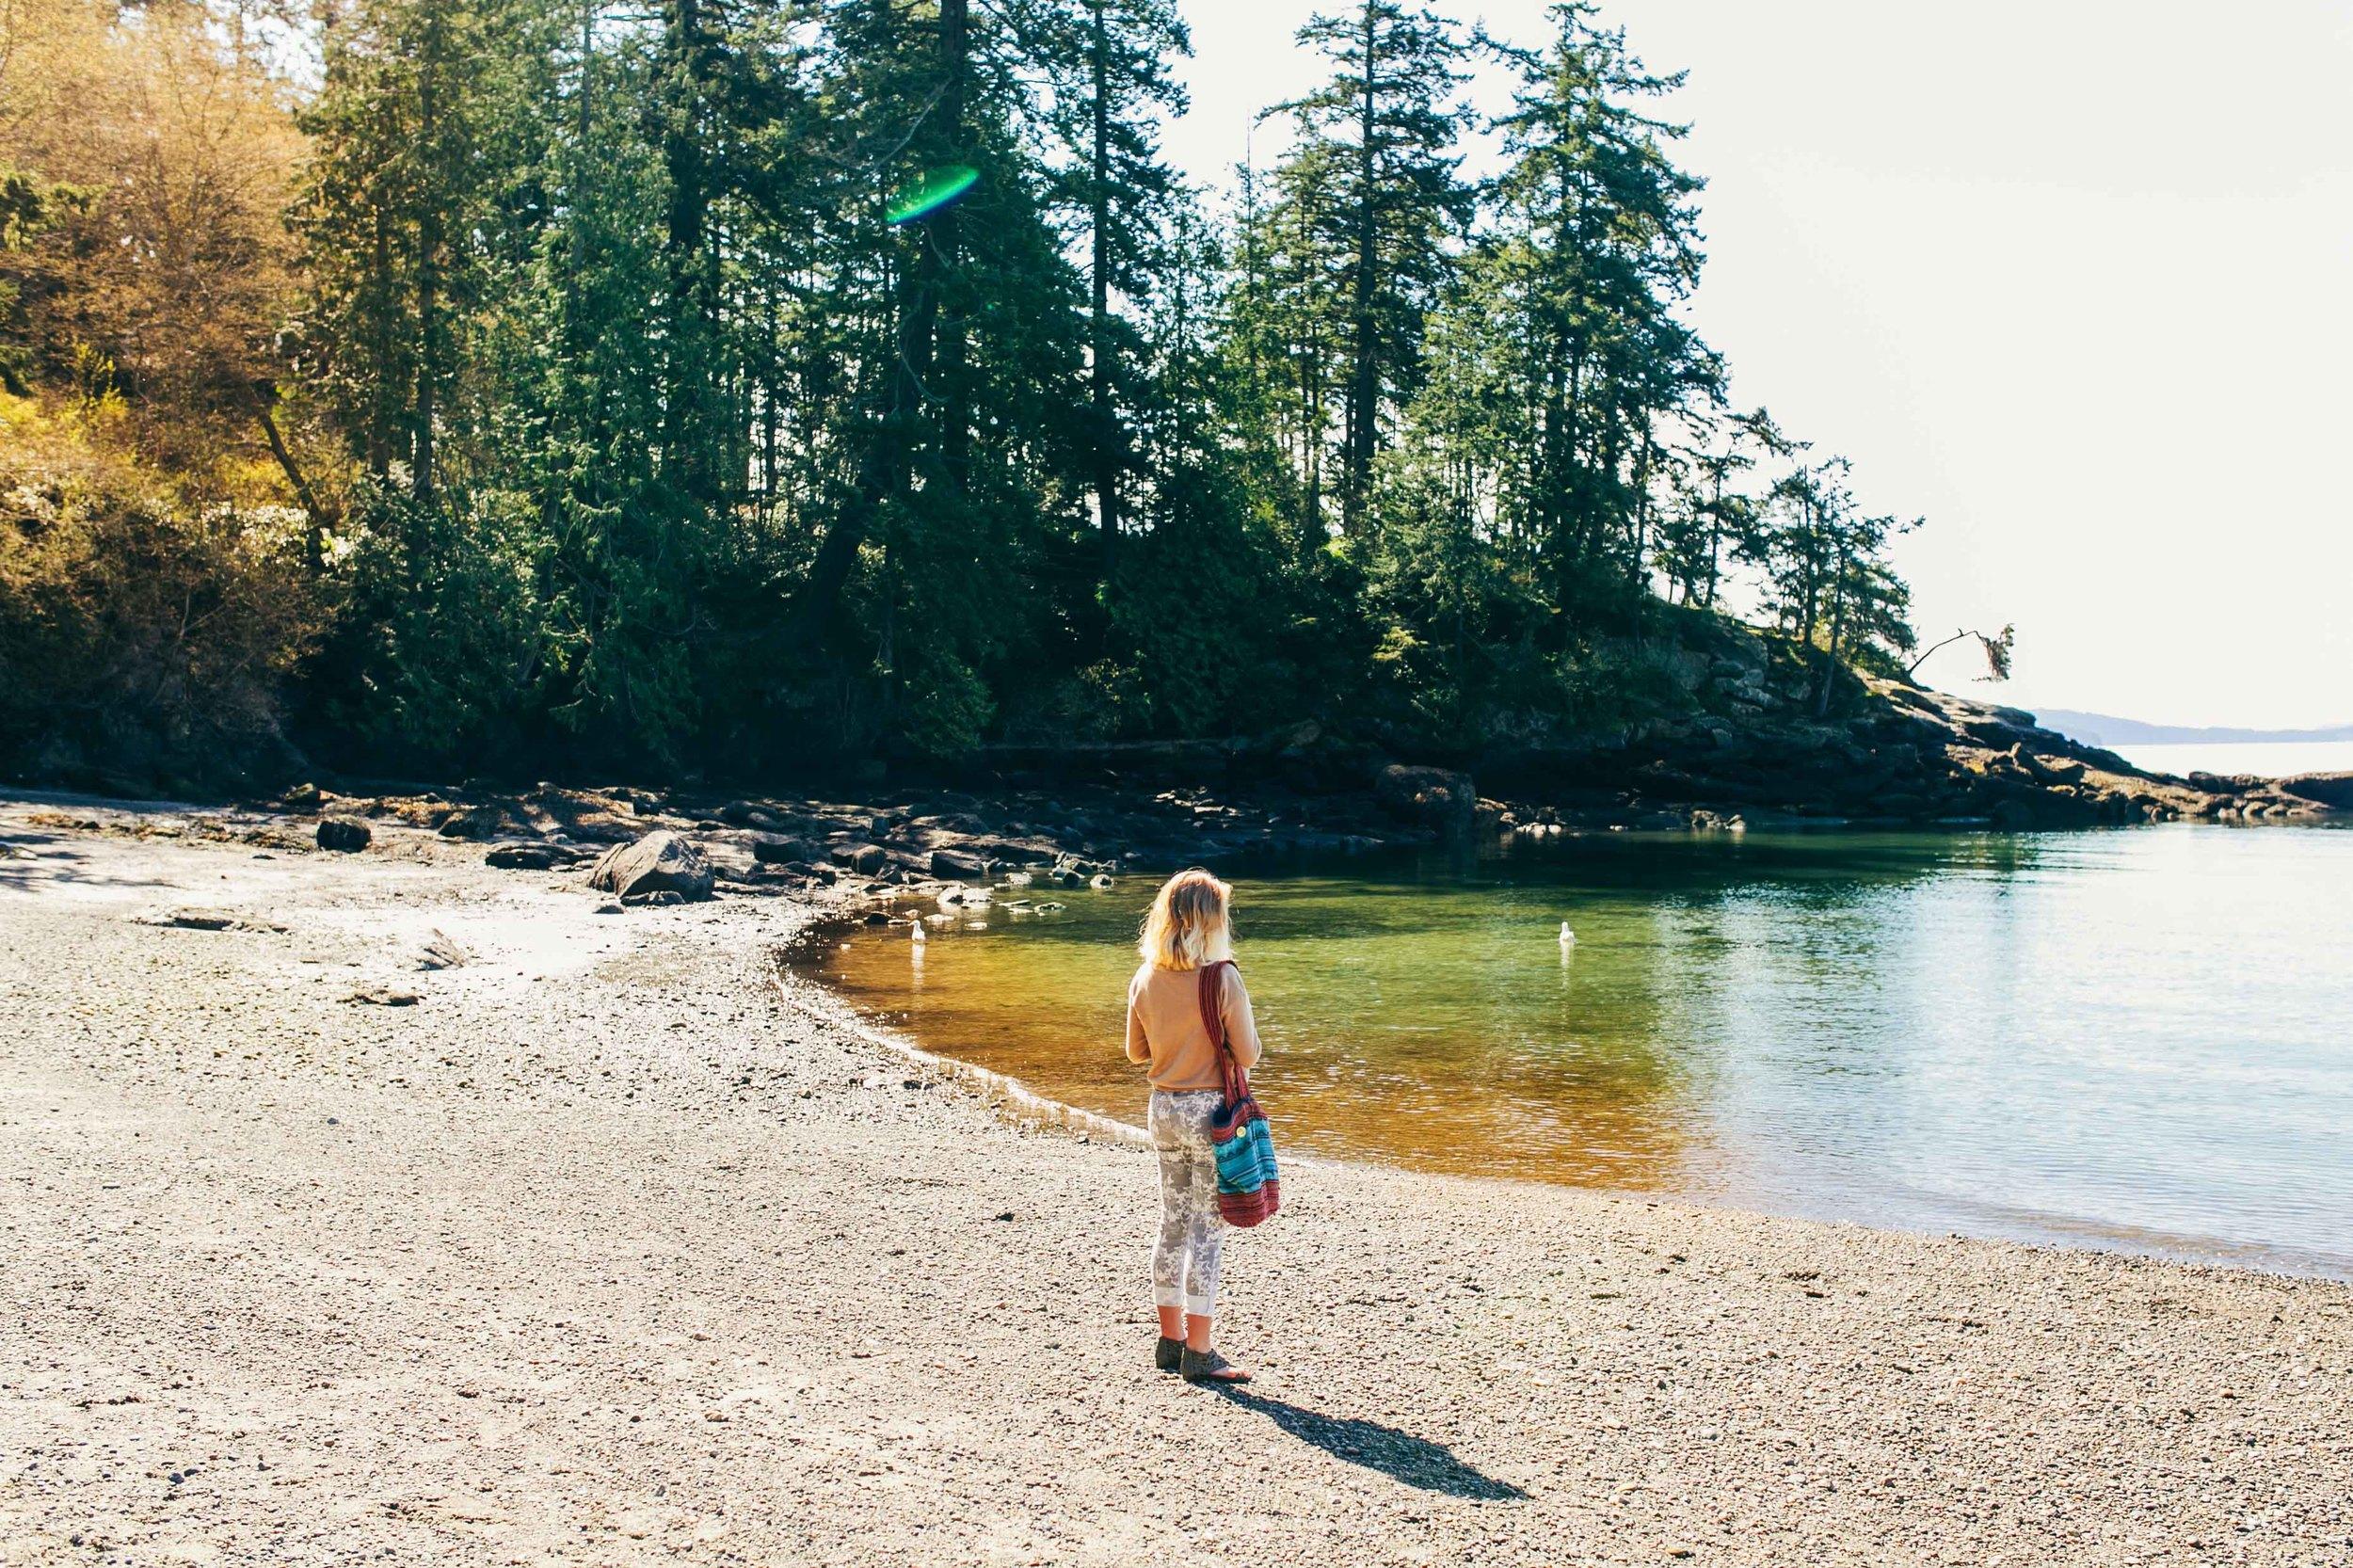 beach_girl-1.jpg